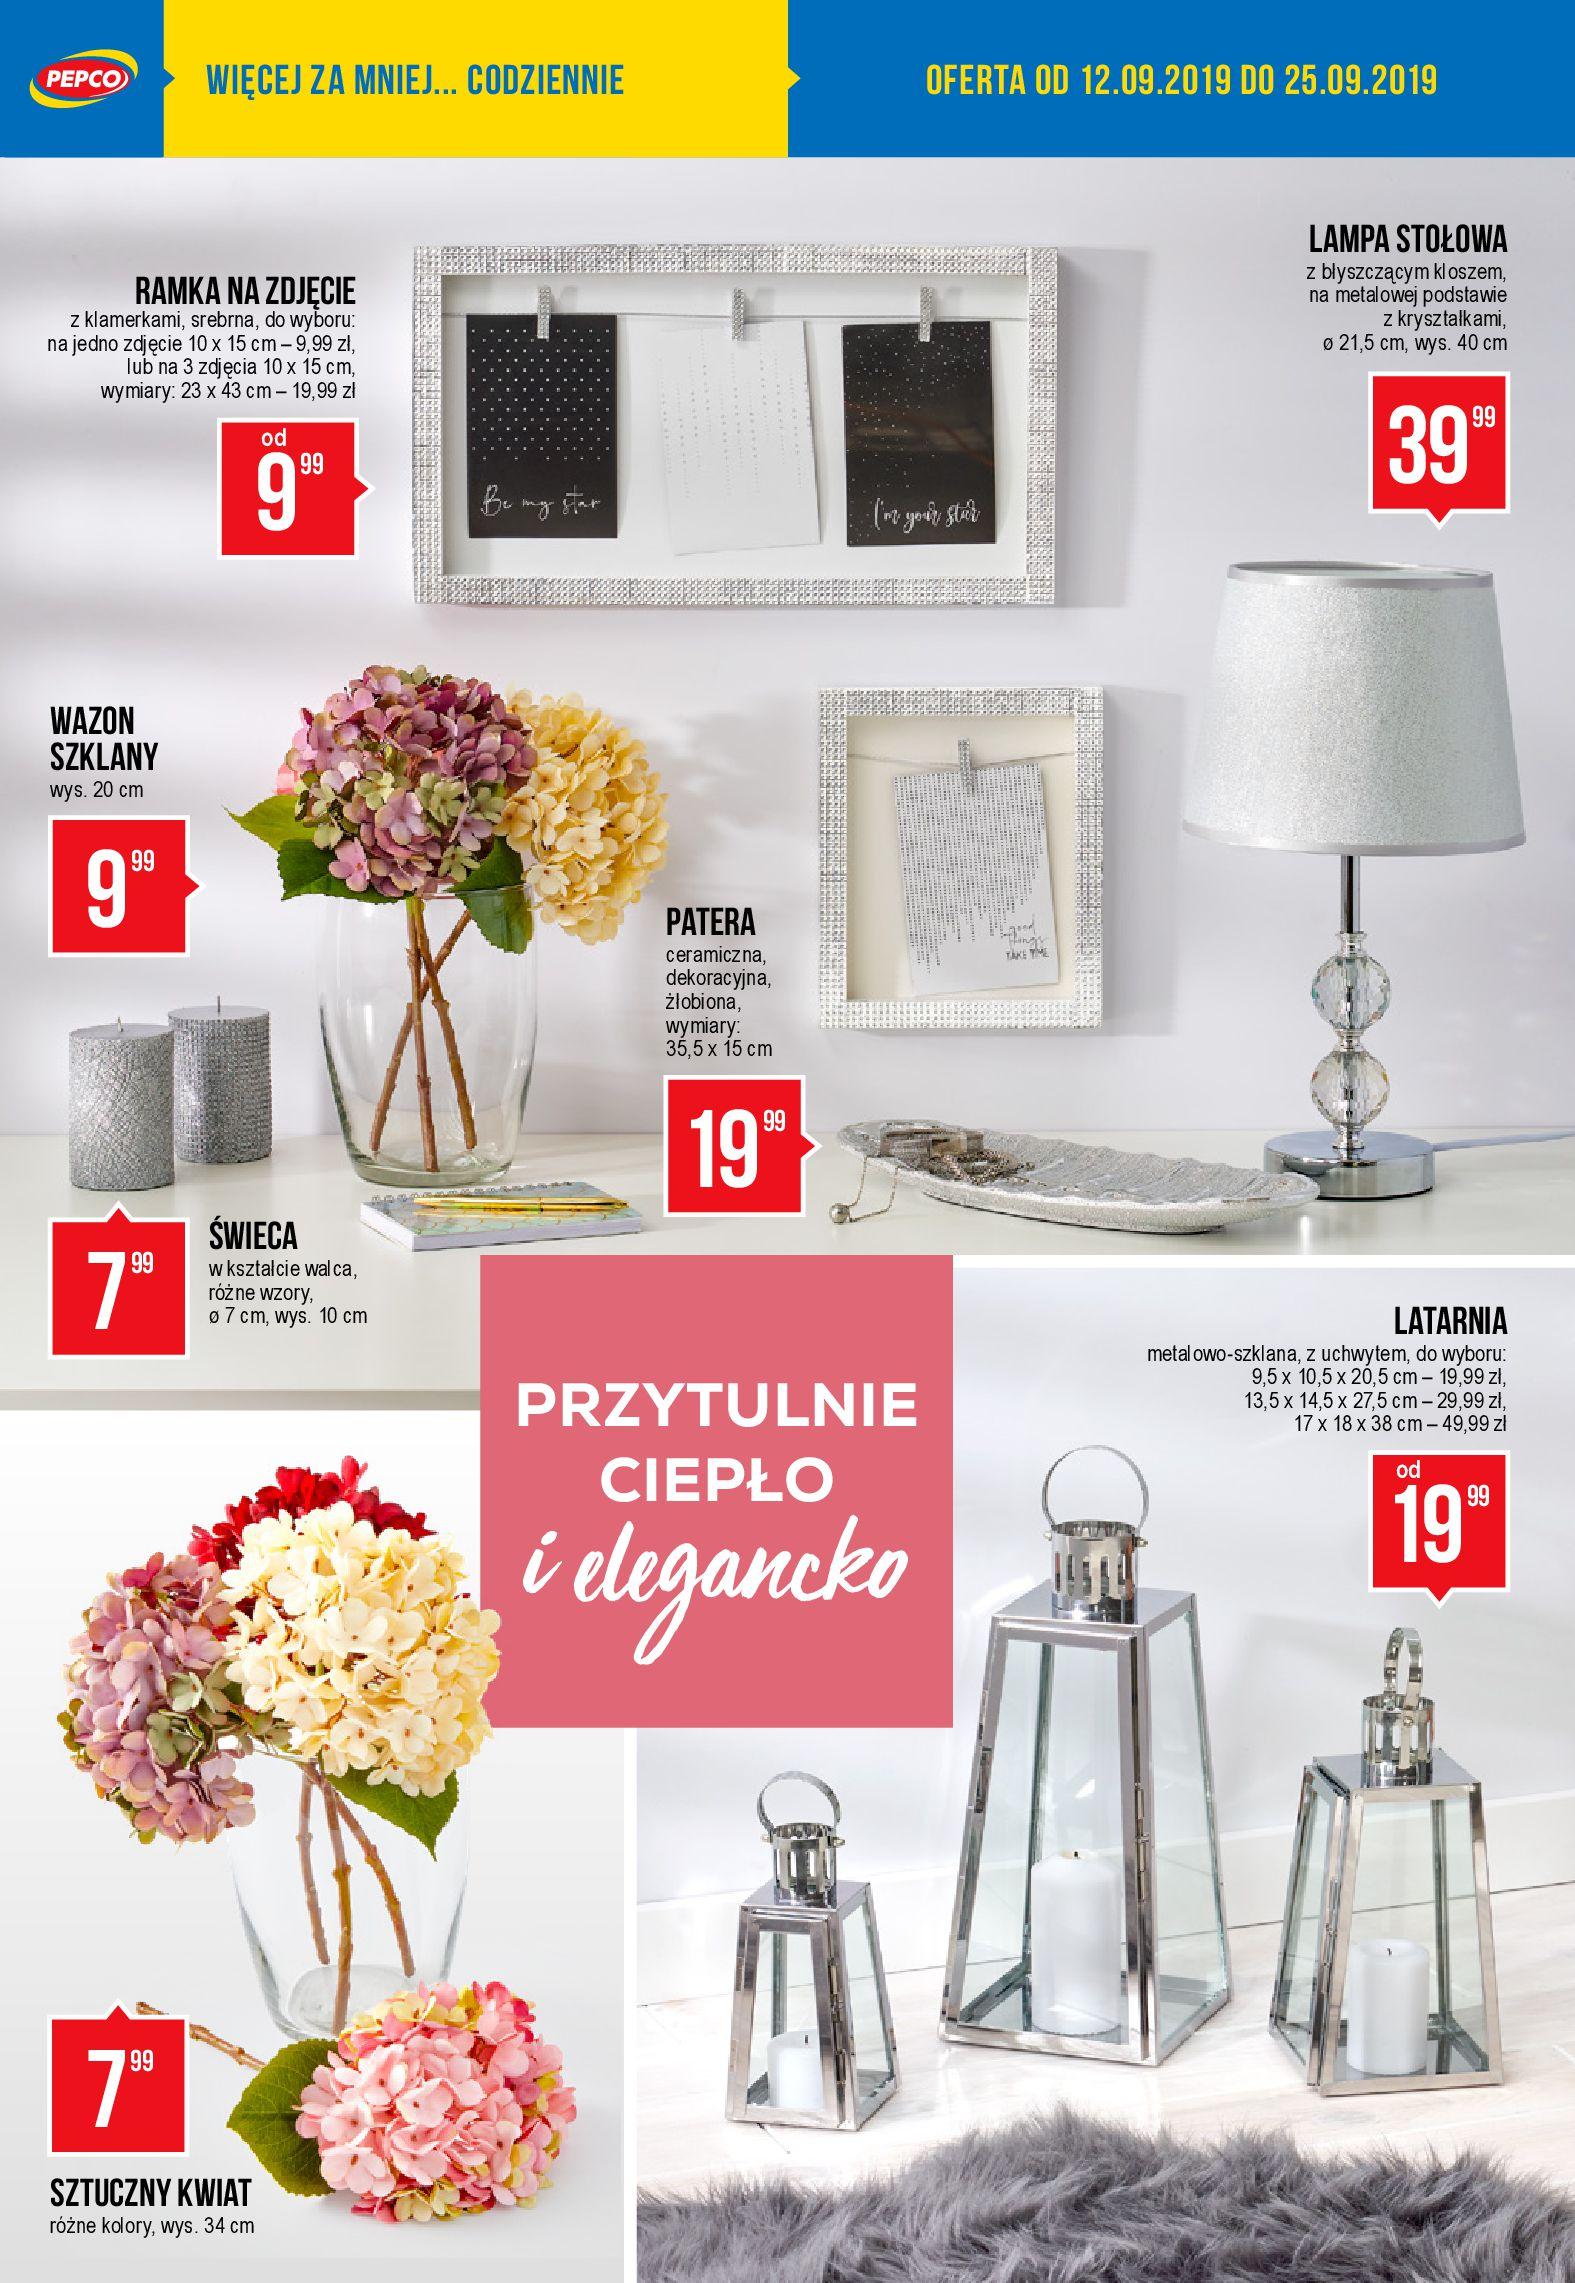 Gazetka Pepco - Jesień w dobrym stylu-11.09.2019-25.09.2019-page-